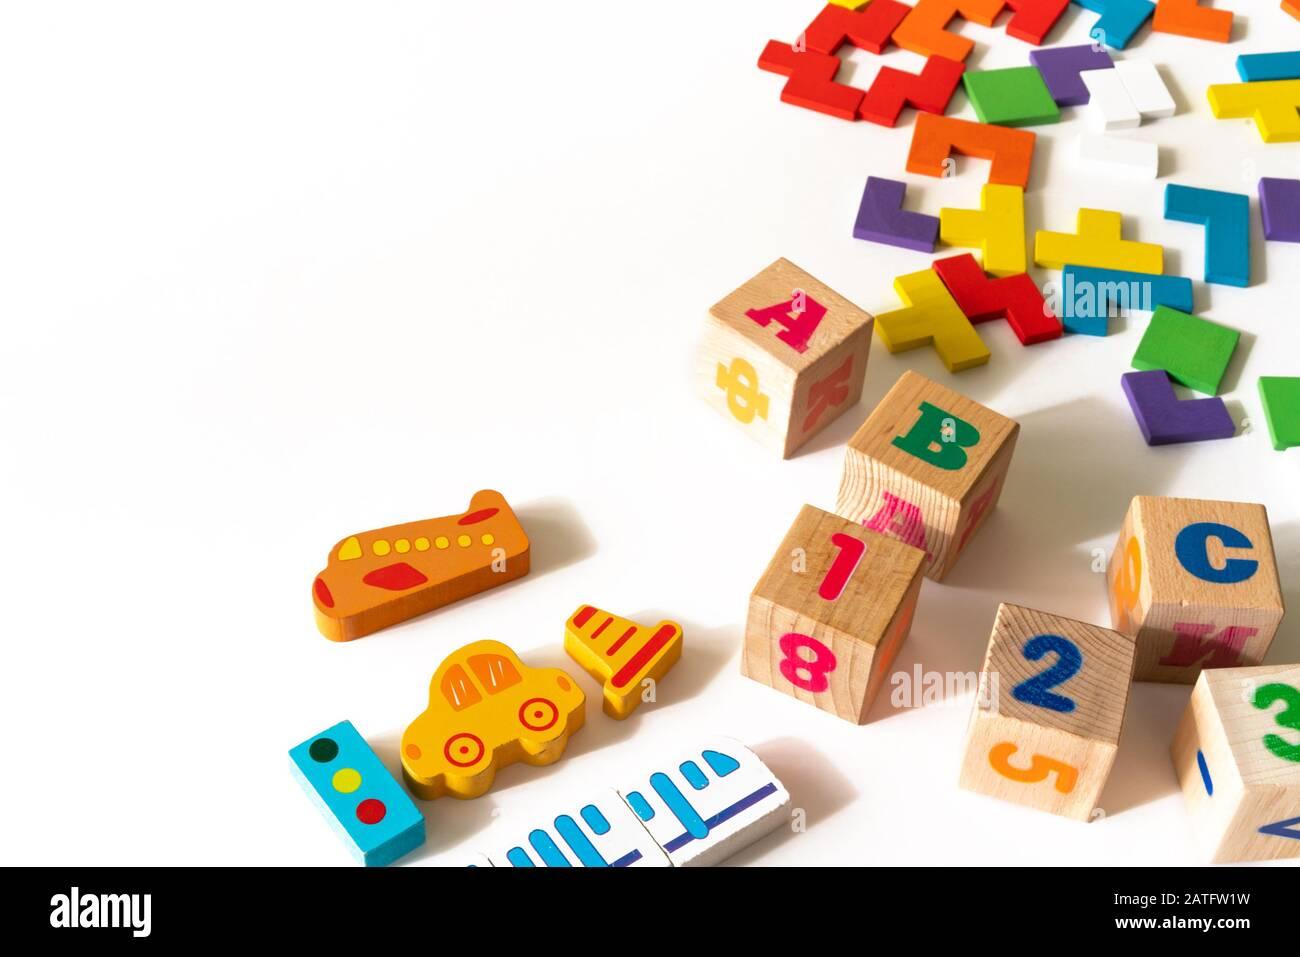 Coloridos juguetes para niños pequeños sobre fondo blanco. Marco de desarrollo de bloques de colores, coches y avión, rompecabezas. Vista superior. Capa plana. Espacio de copia para texto Foto de stock